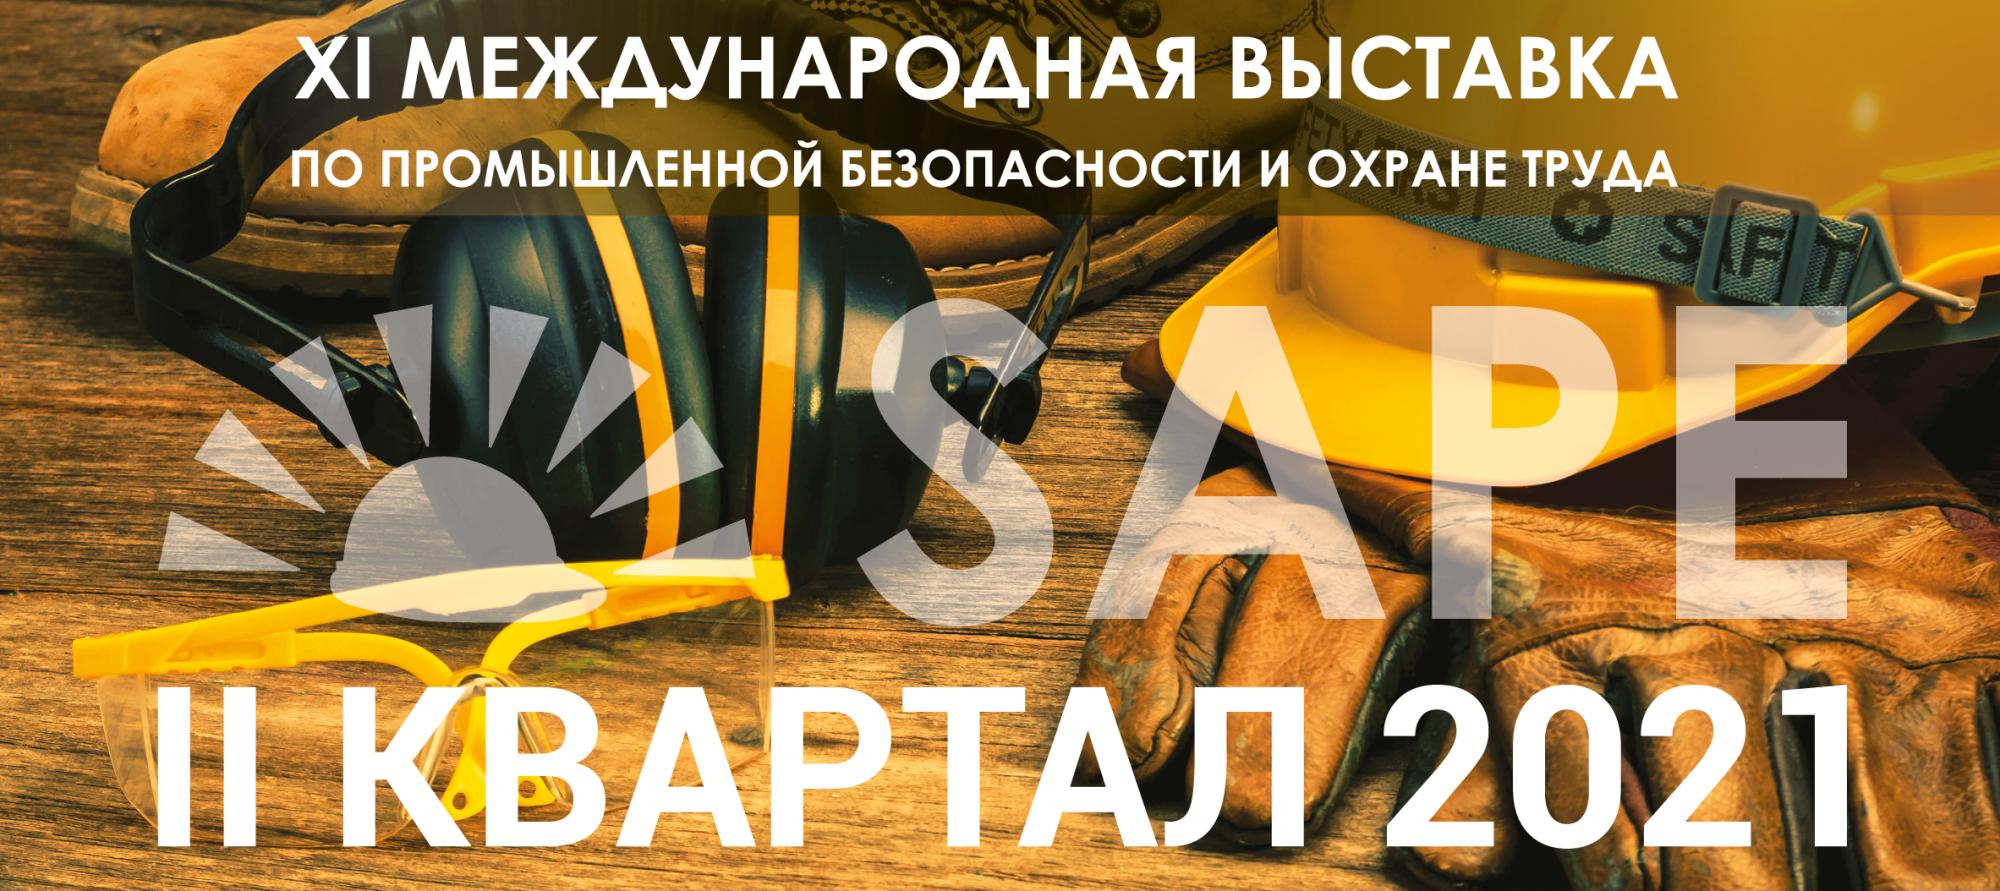 Выставка SAPE пройдет в Сочи во II квартале 2021 г.